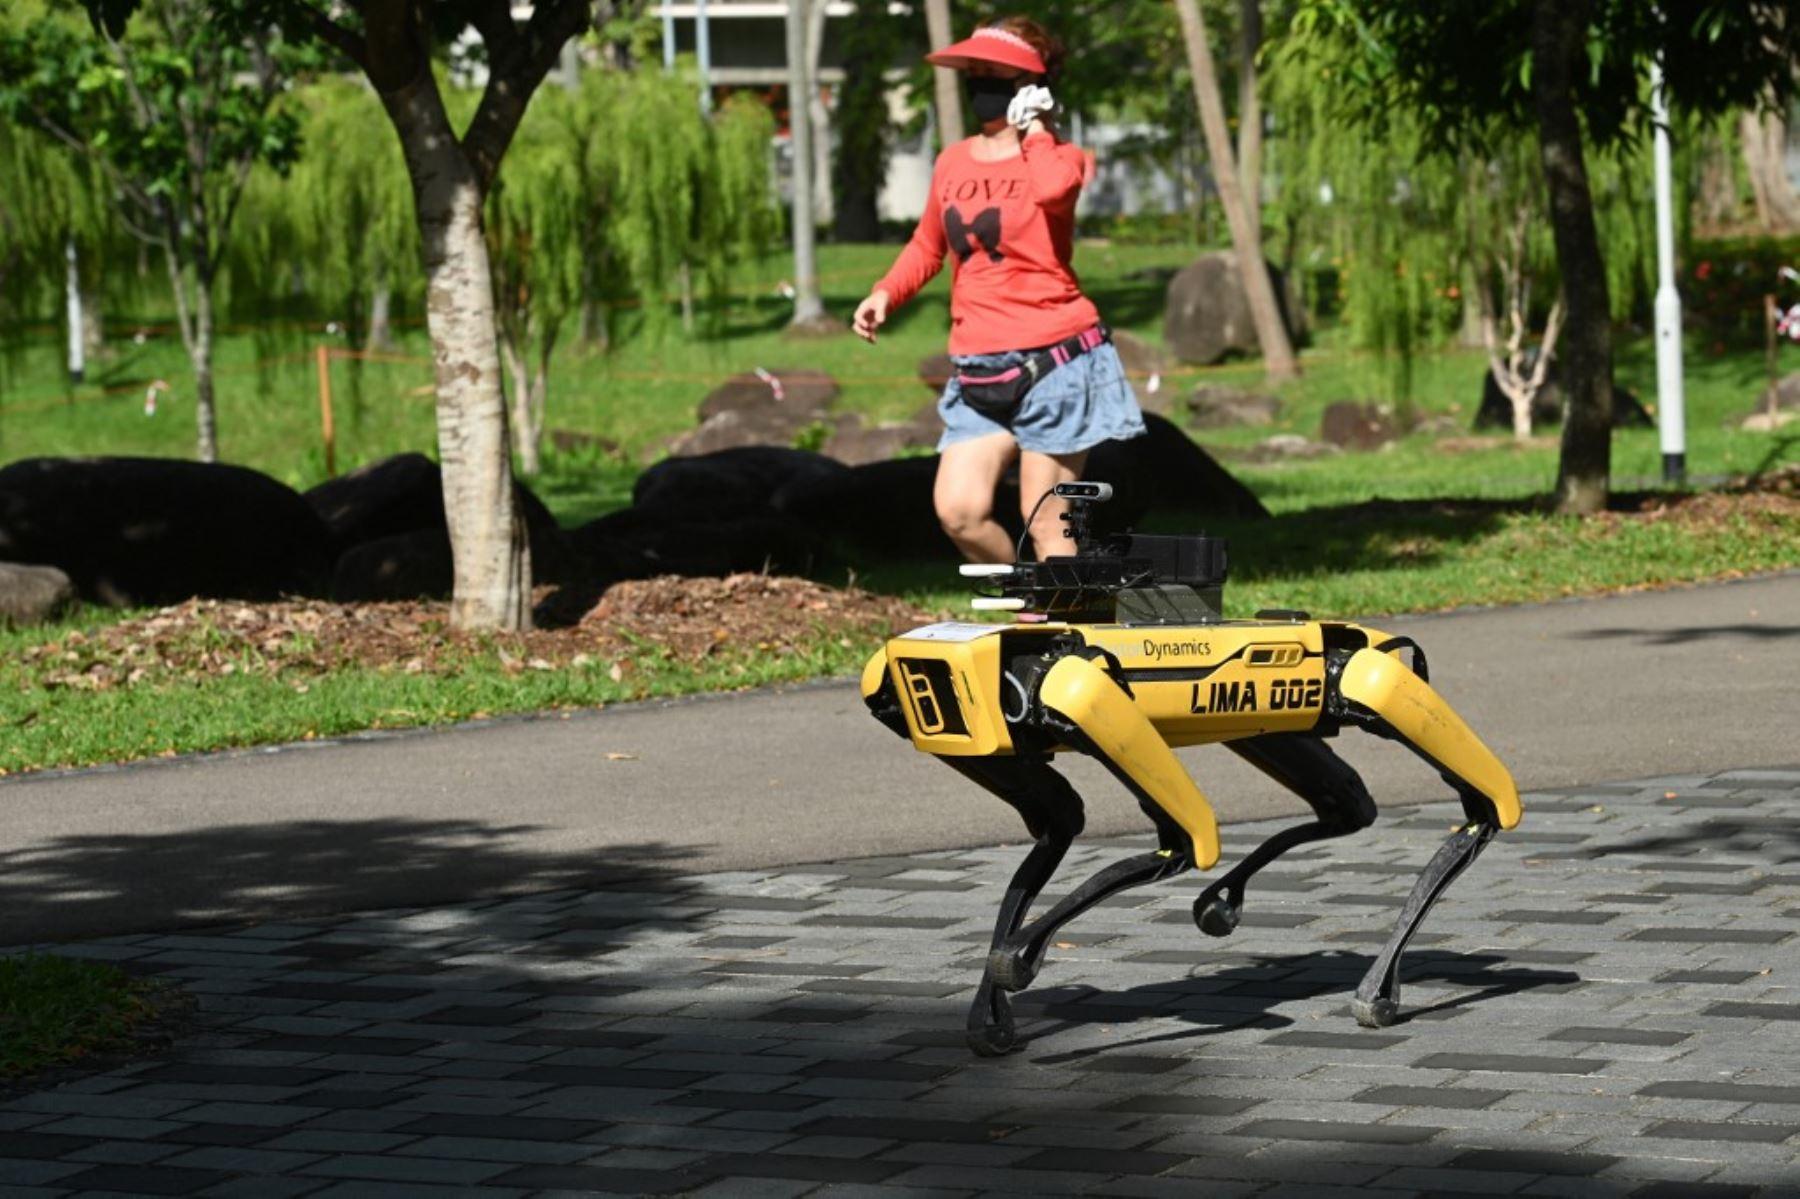 Una mujer pasa corriendo junto a un robot de cuatro patas llamado Spot, que transmite un mensaje grabado que recuerda a las personas que observen el distanciamiento seguro como medida preventiva contra la propagación del nuevo coronavirus COVID-19, en Singapur. Foto: AFP